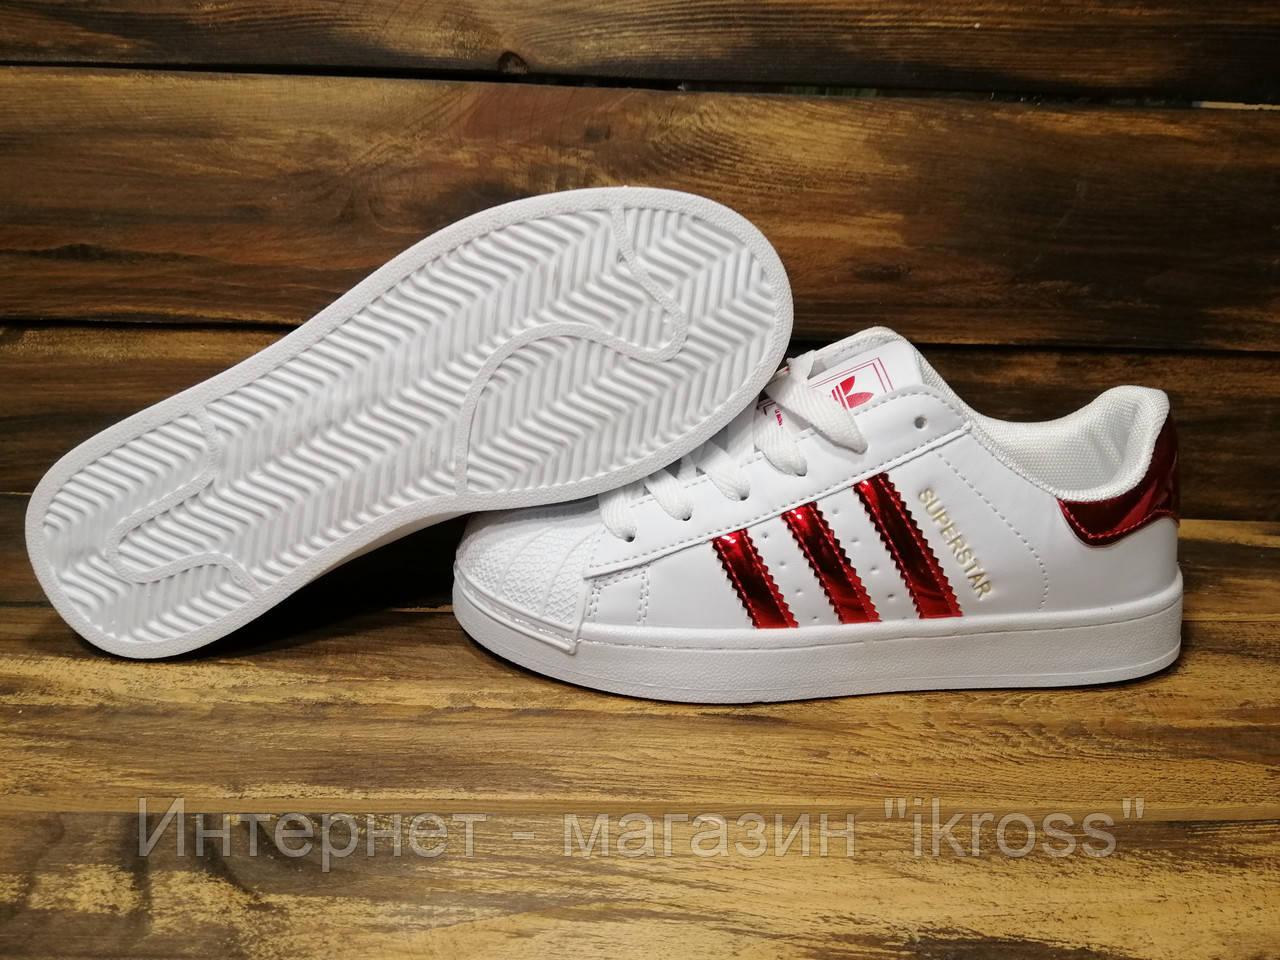 562d7c3bc Кроссовки белые женские Adidas Superstar с красными блестящими полосками